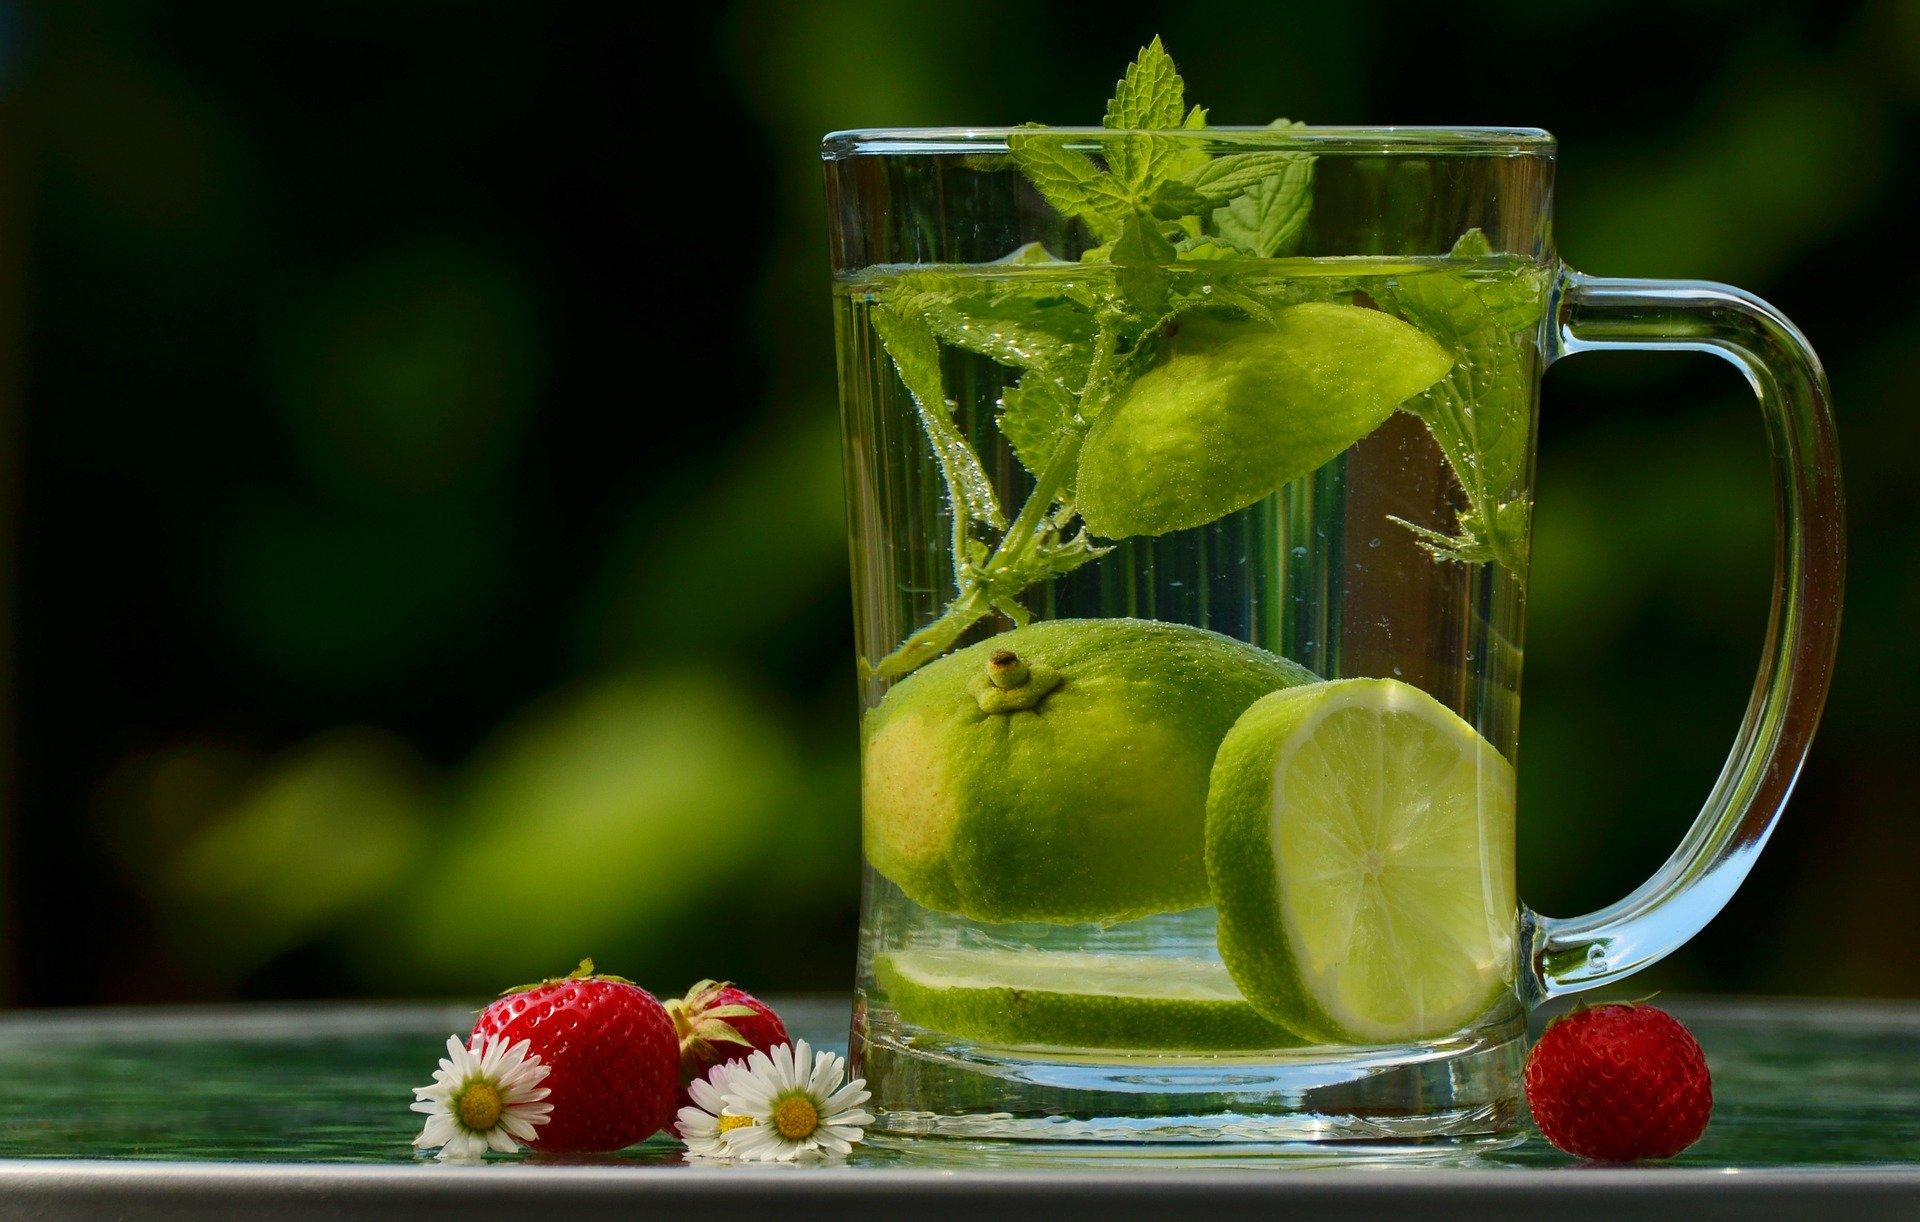 Une hydratation suffisante permet d'avoir une bonne digestion pour maigrir du ventre